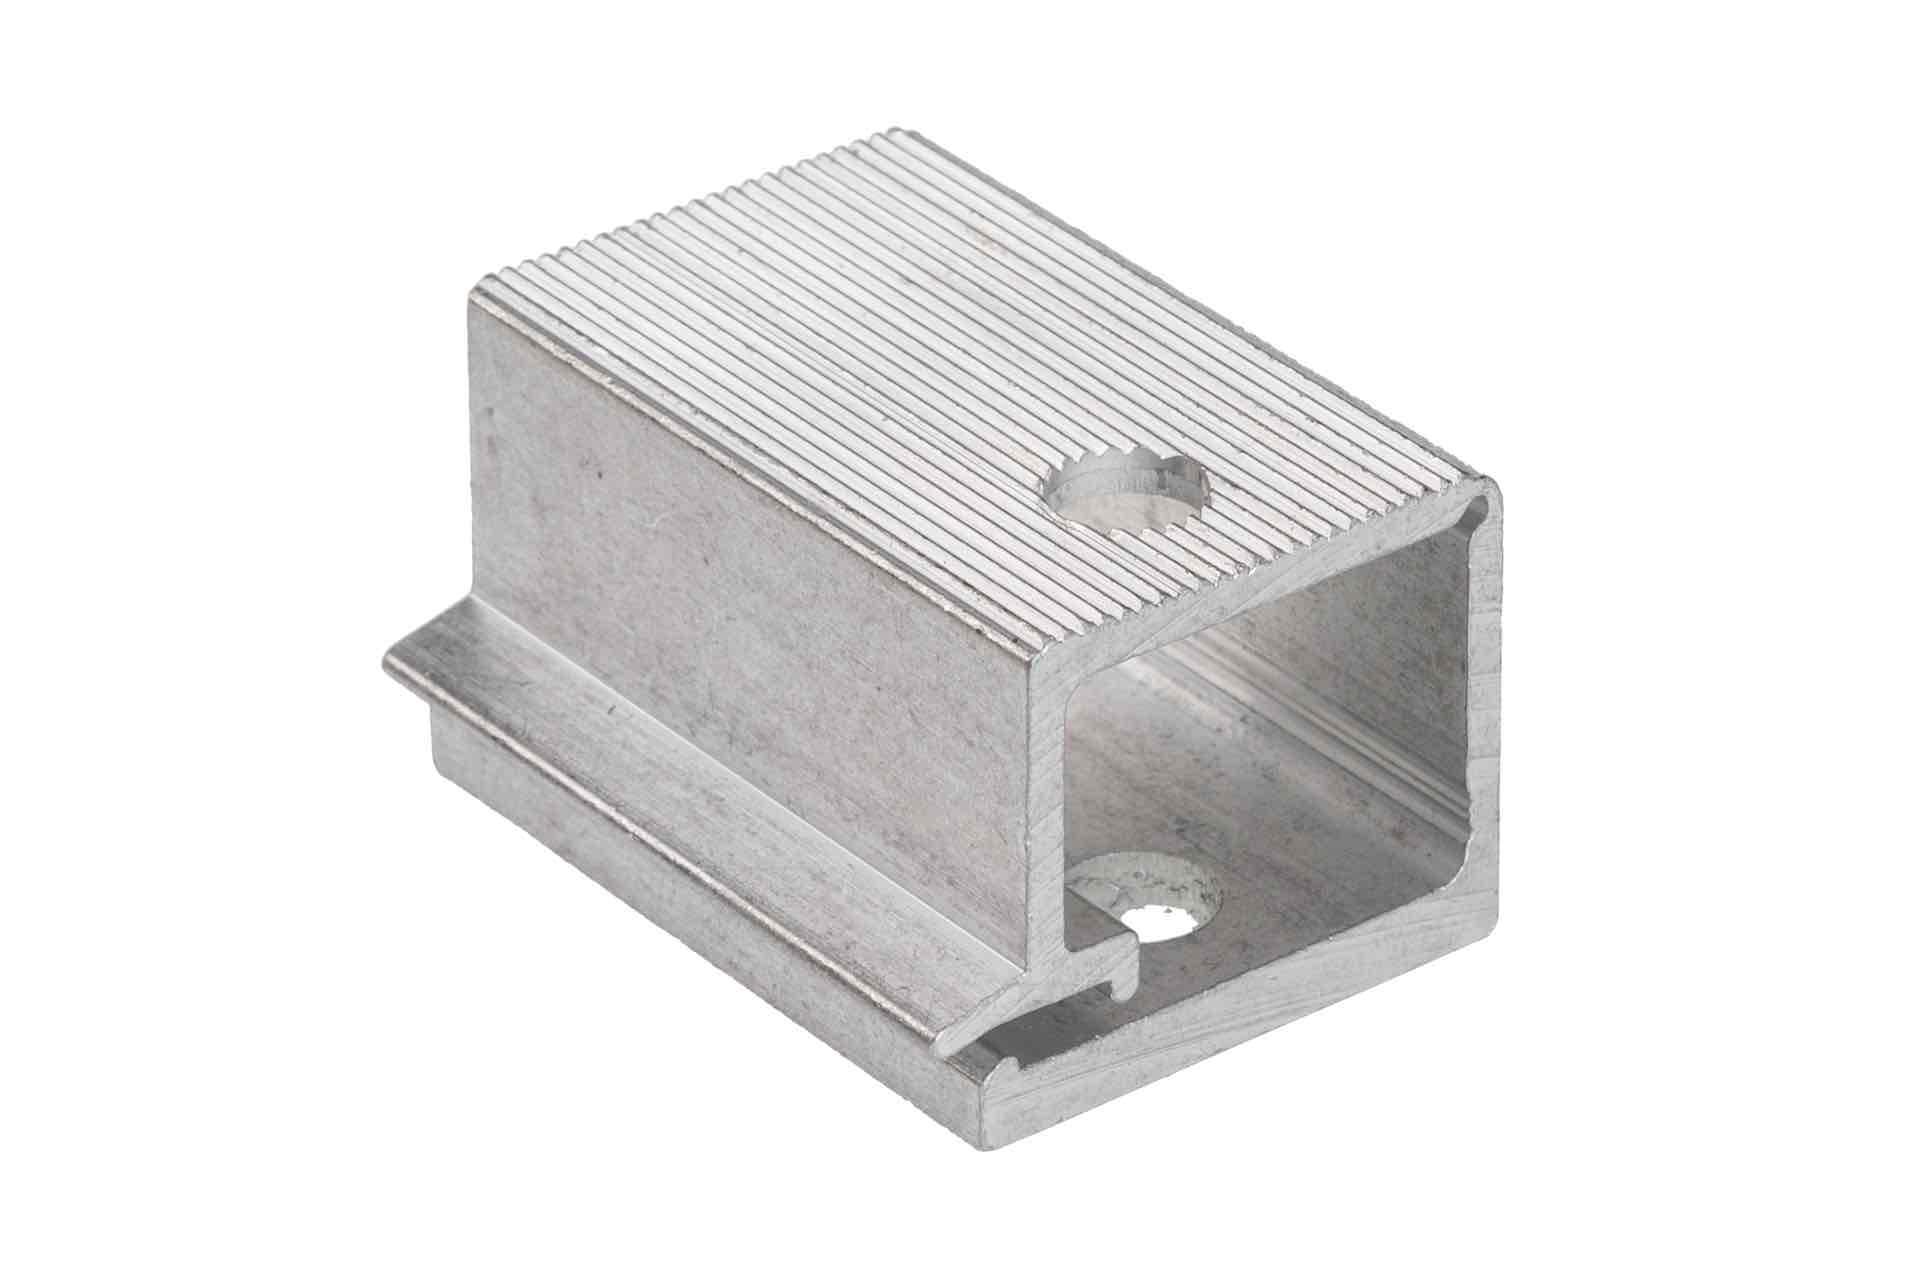 Draadblok 40mm aluminium